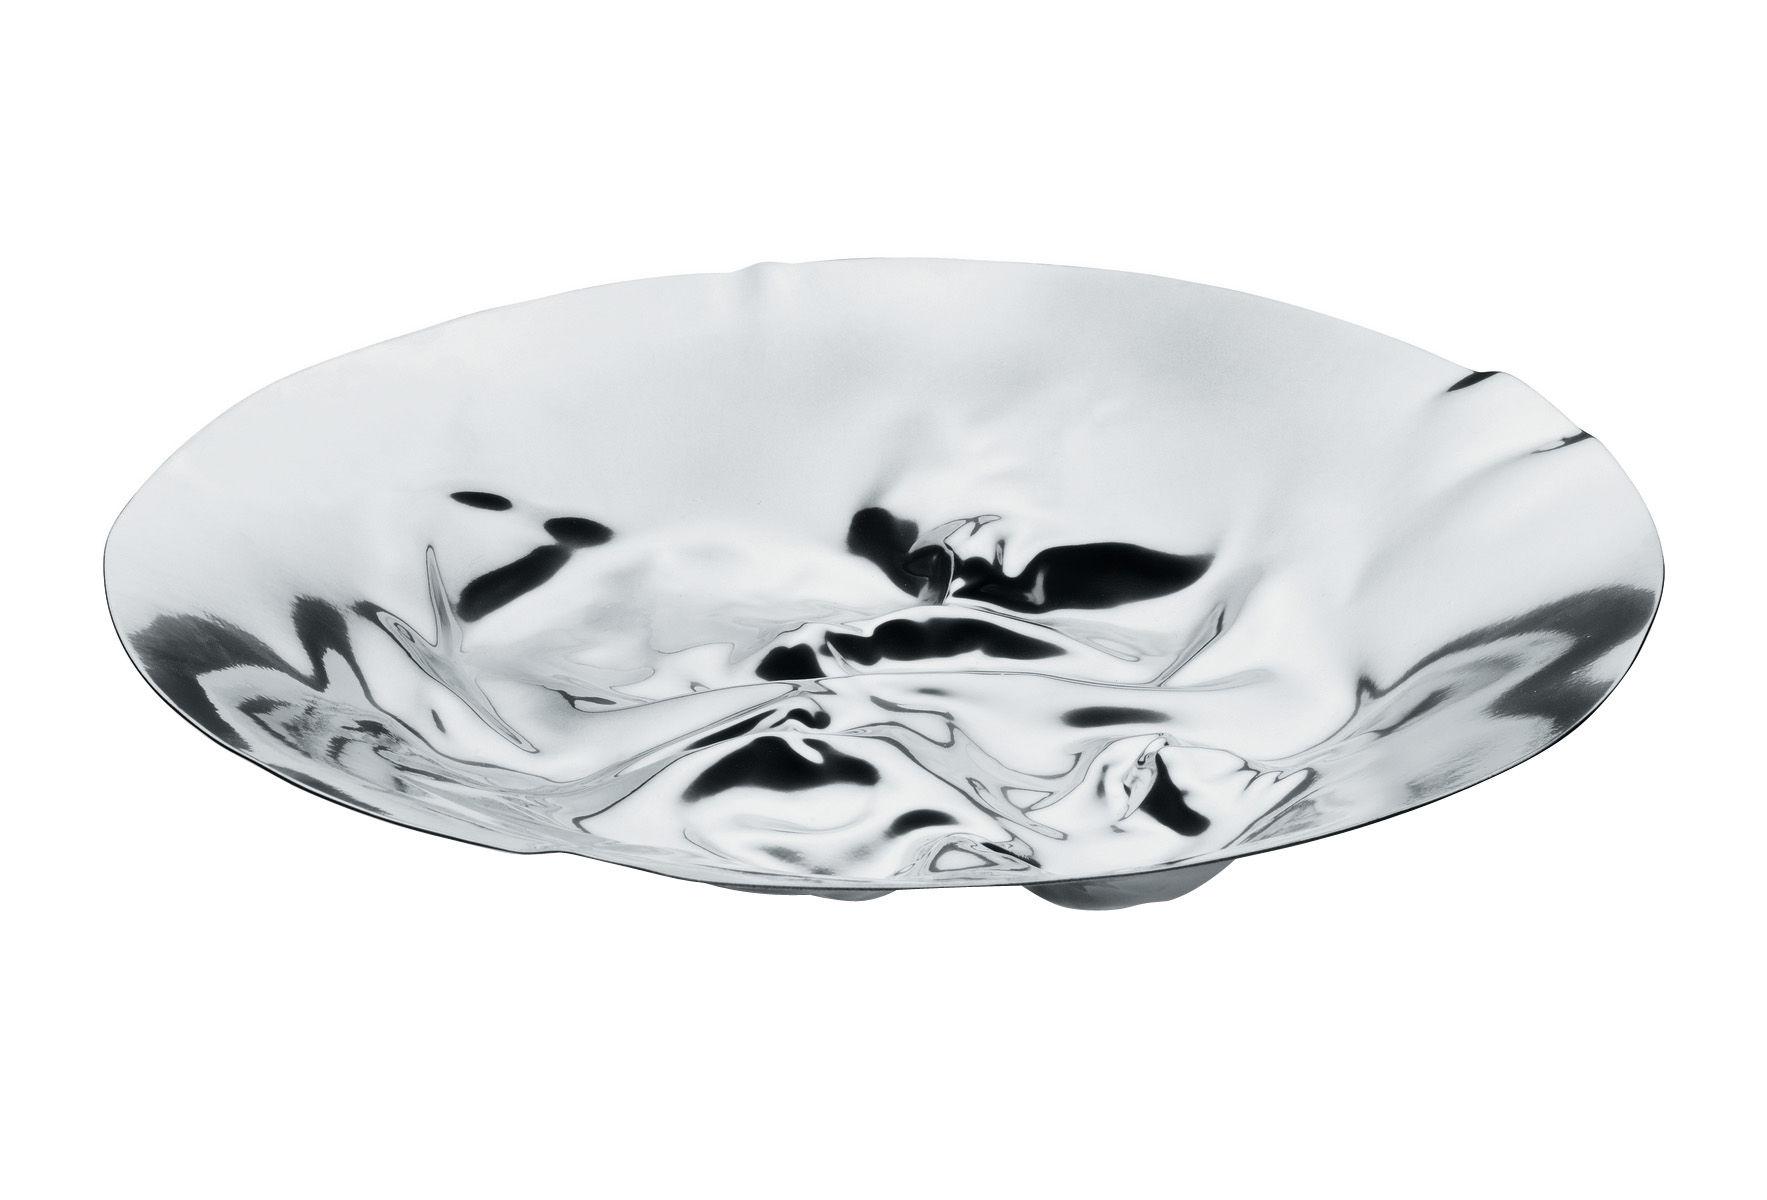 Tischkultur - Körbe, Fruchtkörbe und Tischgestecke - Sumpta Tischgesteck - Alessi - Edelstahl glänzend - Stahl